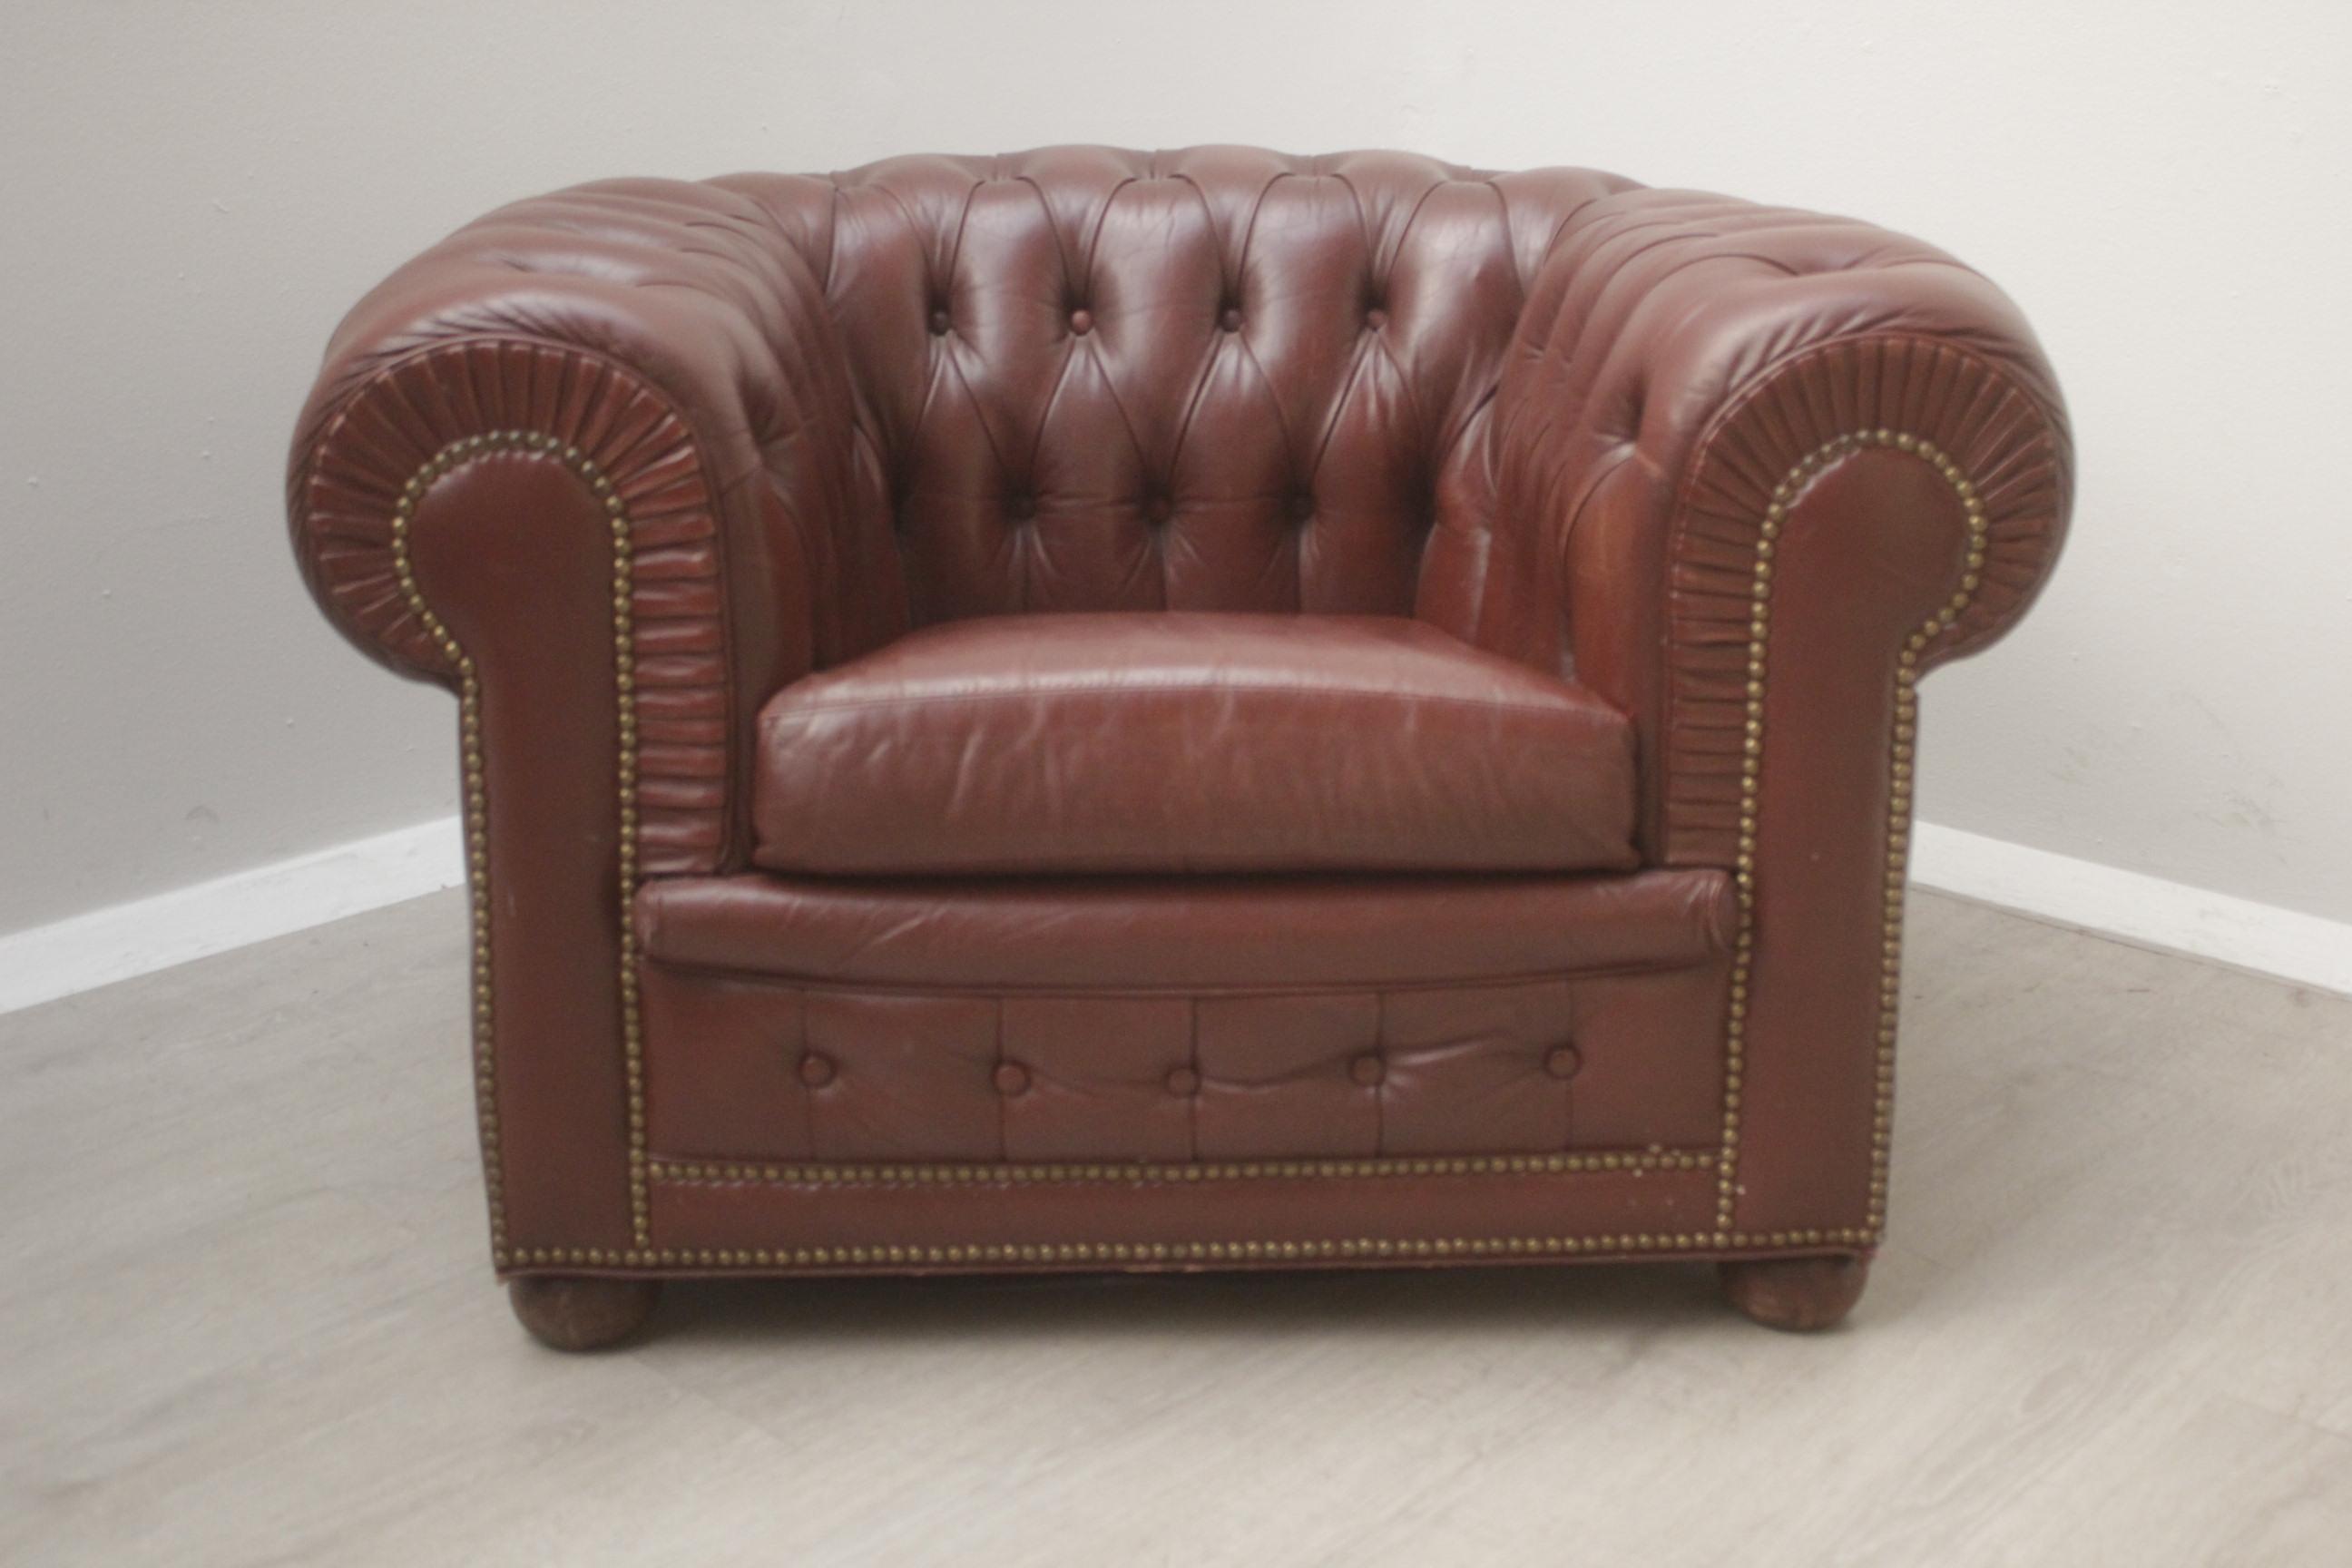 Por Qu Tendr As Que Comprar Muebles De Segunda Mano Catawiki # Muebles De Seegunda Mano